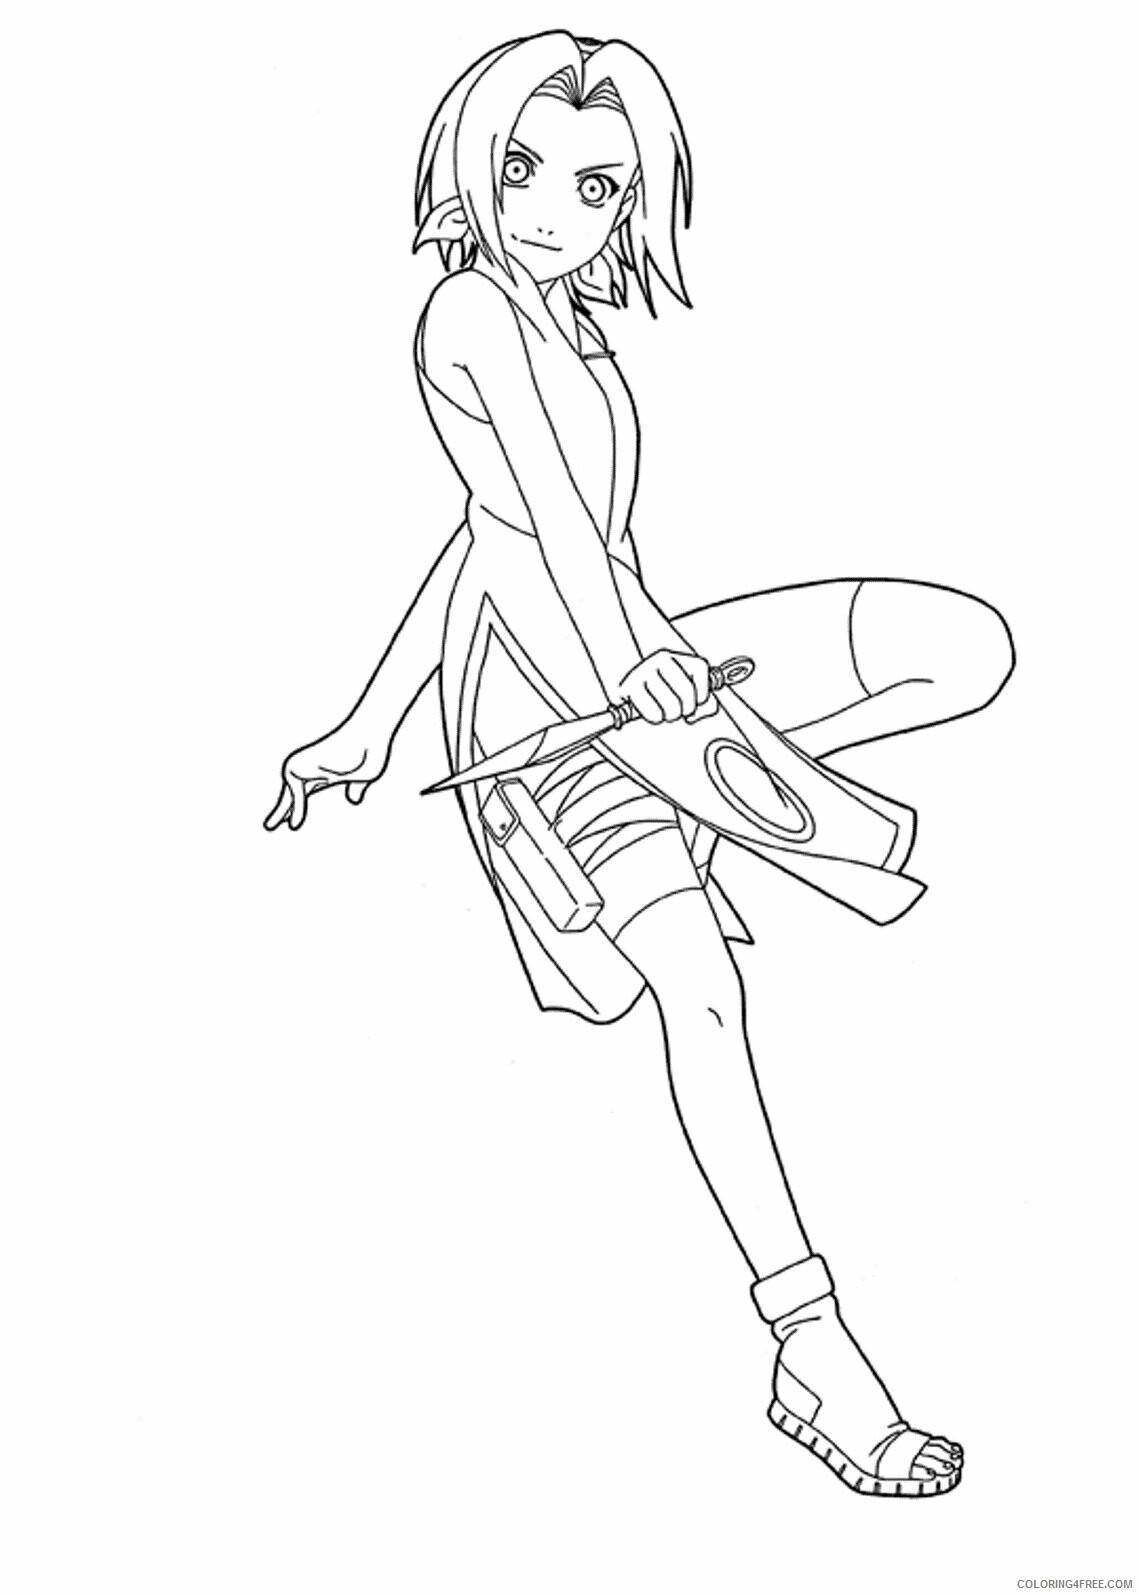 Az Sakura Coloring Pages Printable Sheets Naruto Sakura Haruno 2021 a 4567 Coloring4free